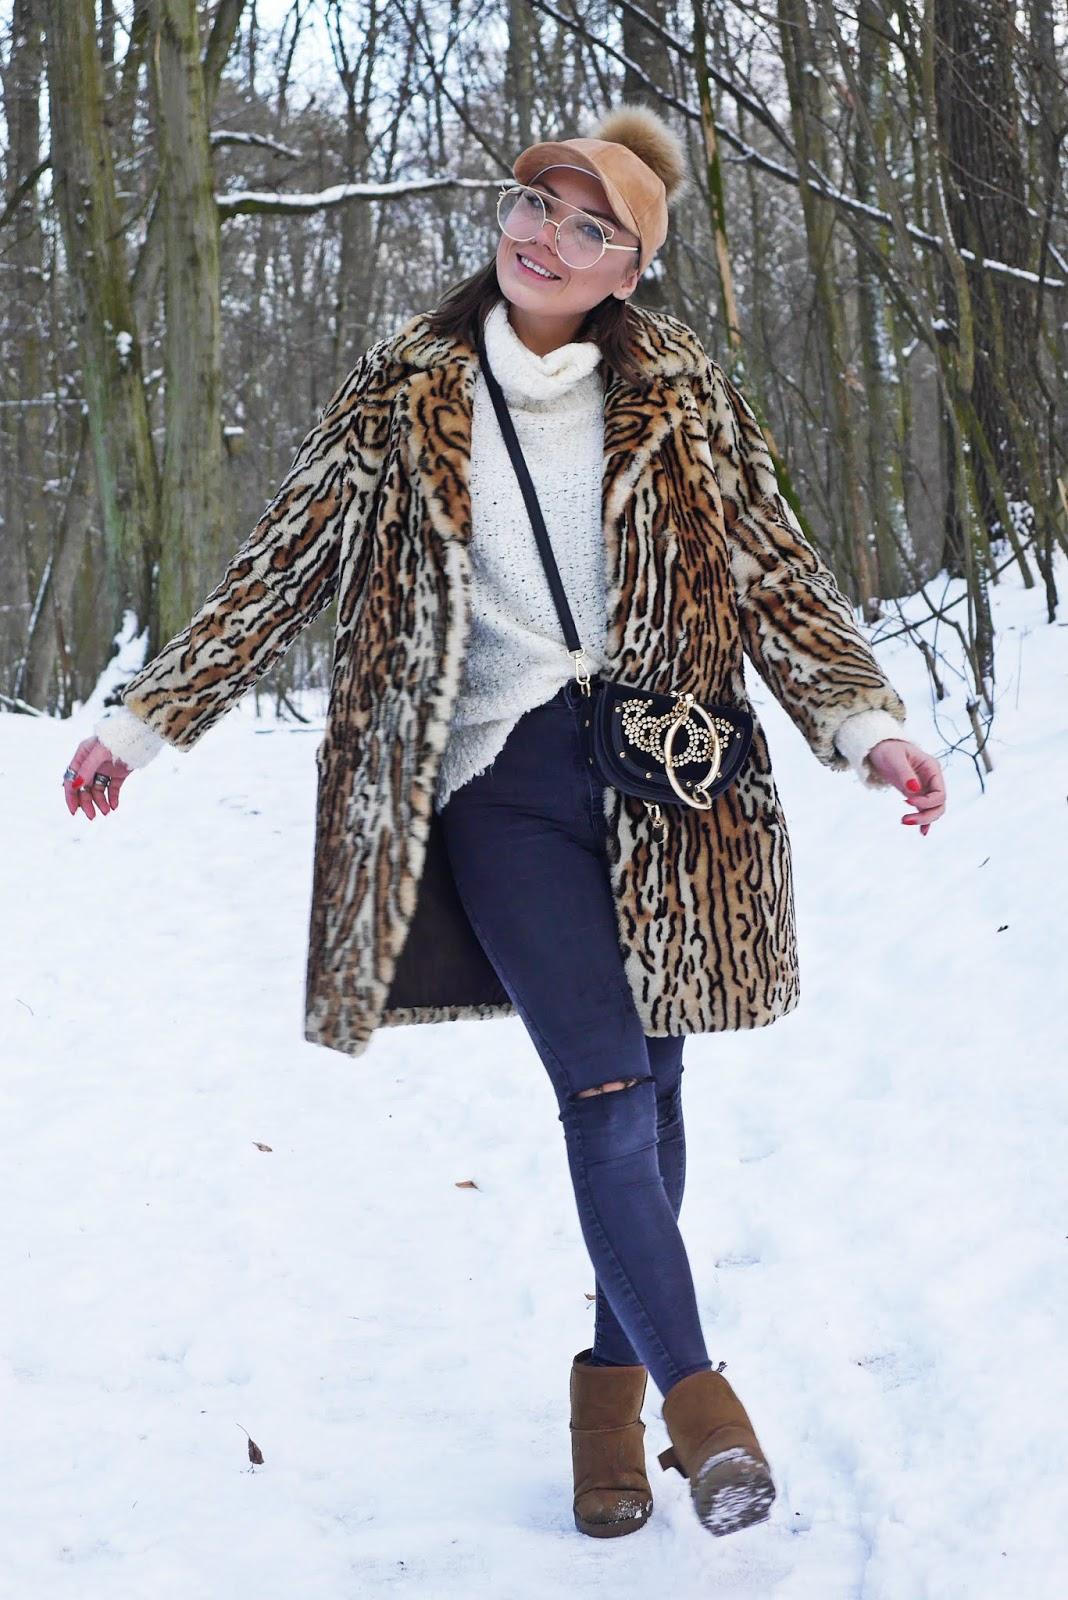 leopard print fur outfit look winter white sweater karyn blog modowy blogerka modowa modowe stylizacje ciekawy blog o modzie